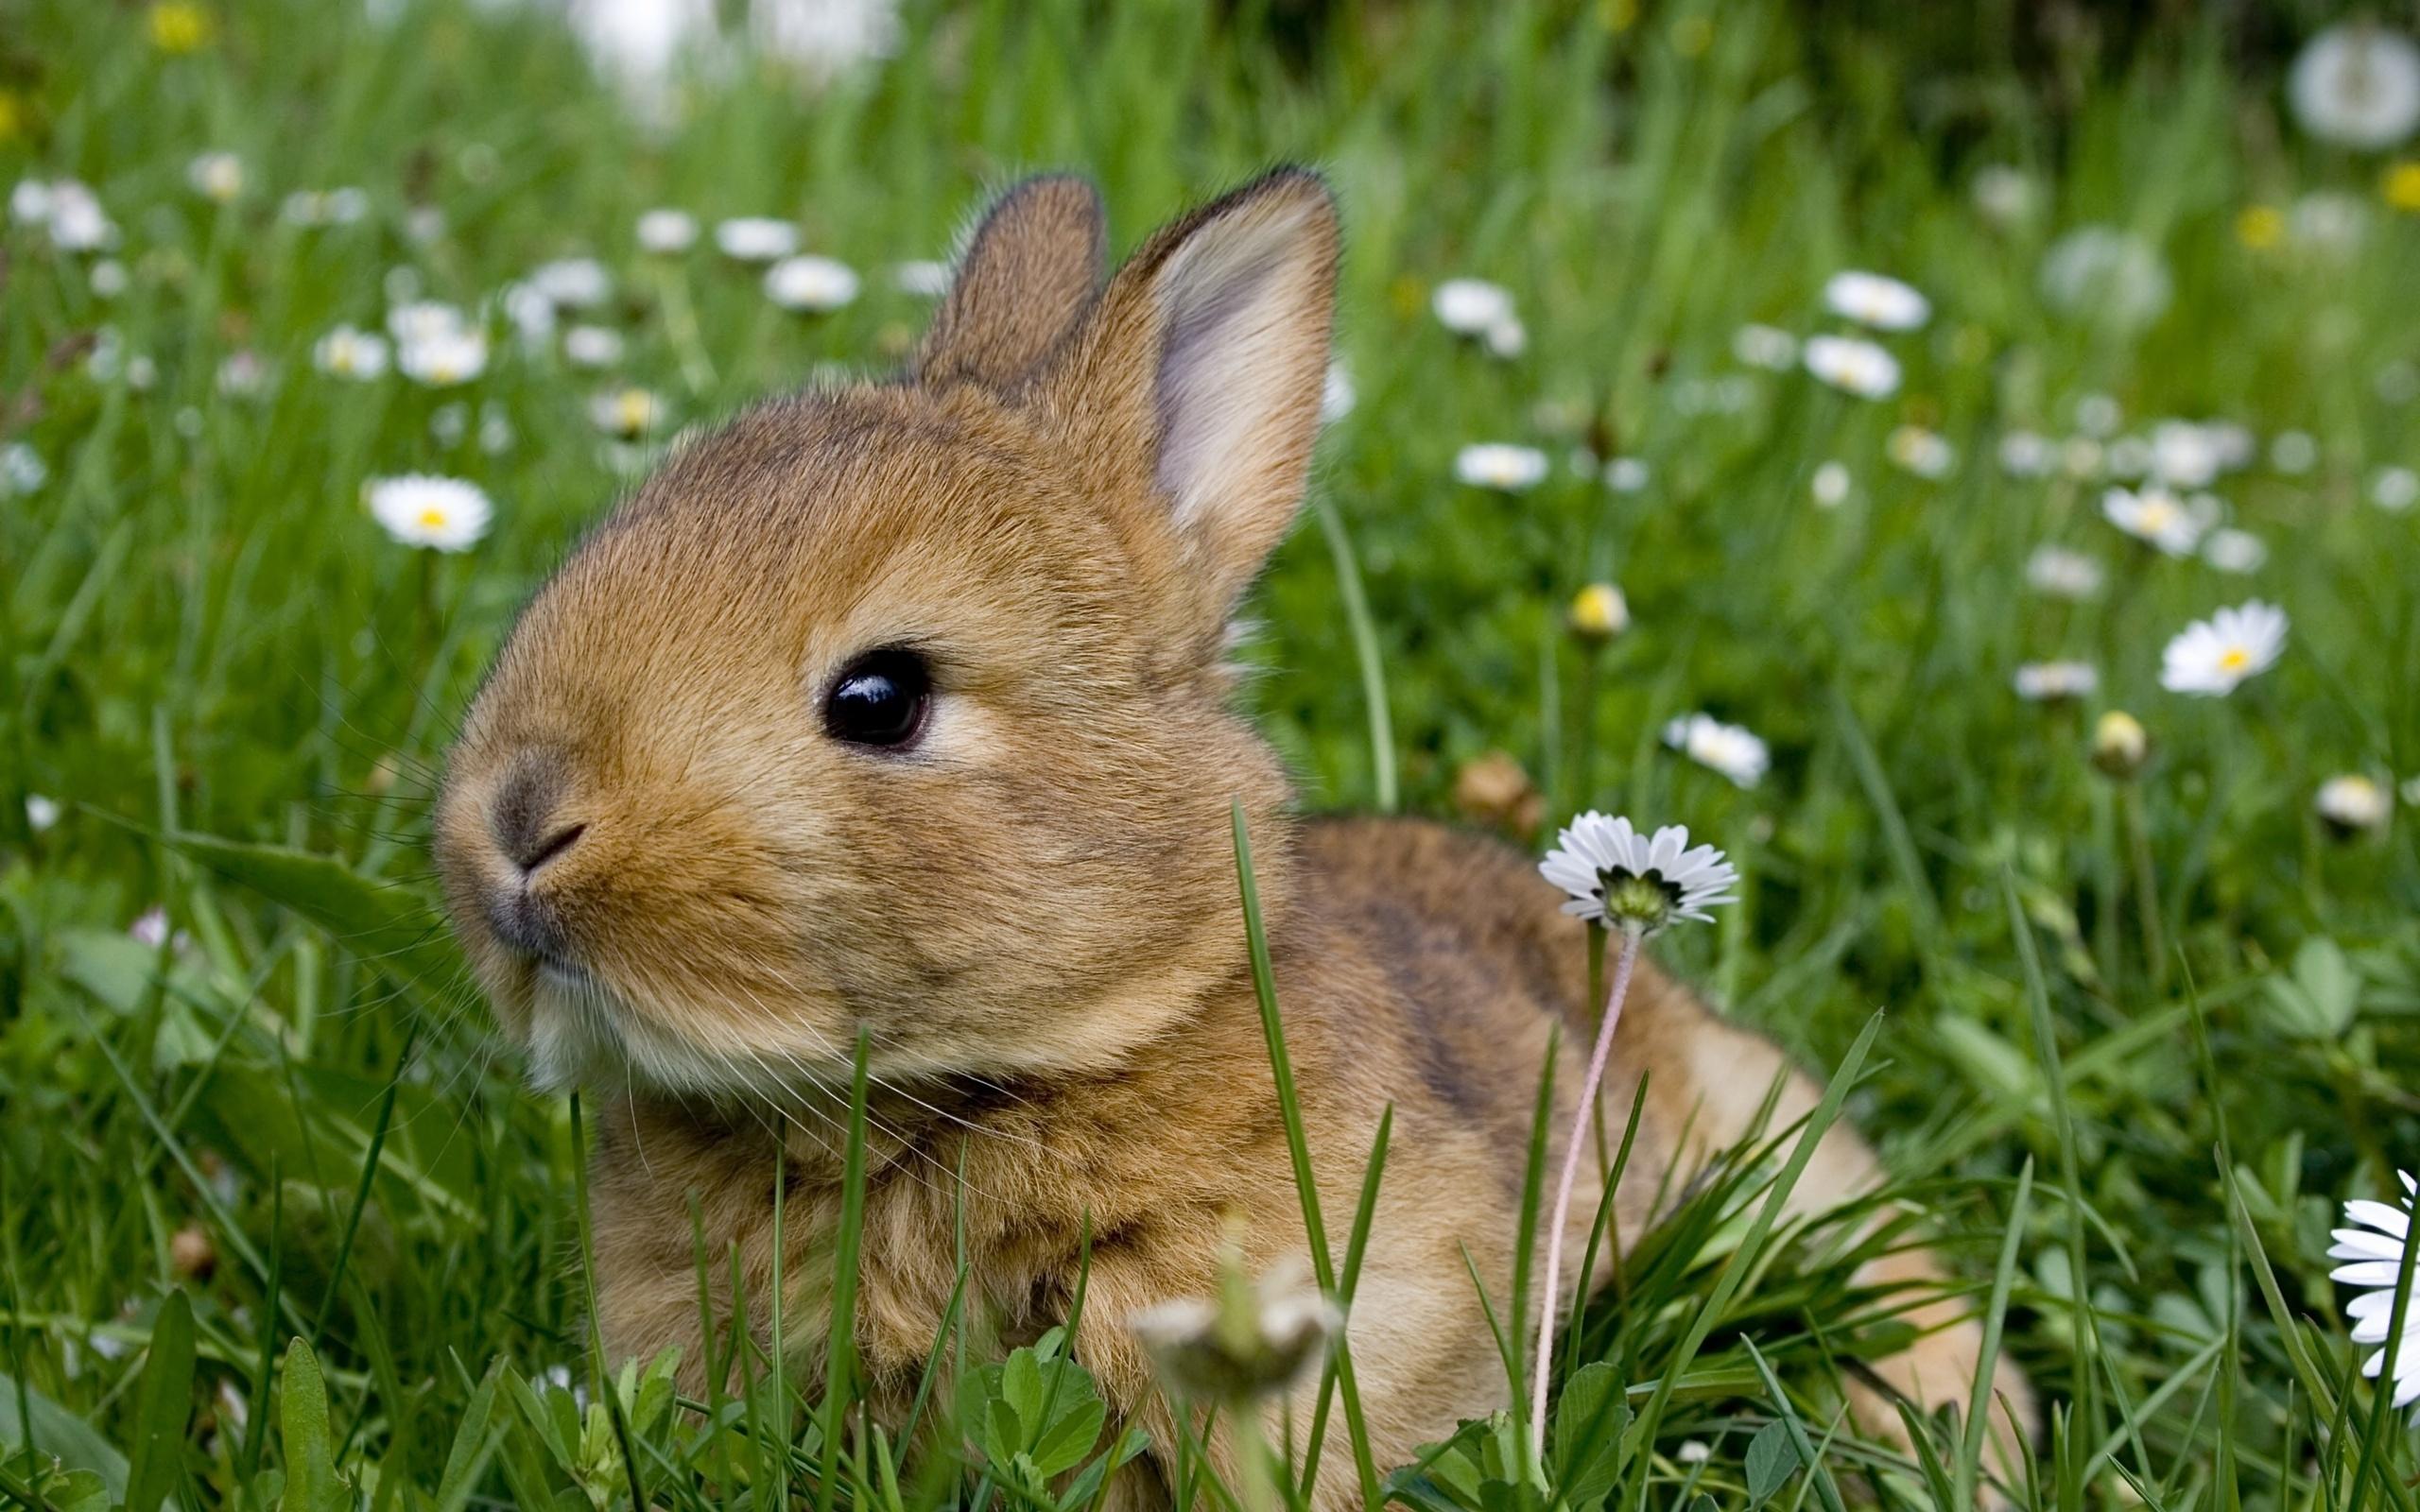 кролик трава  № 1964053 бесплатно